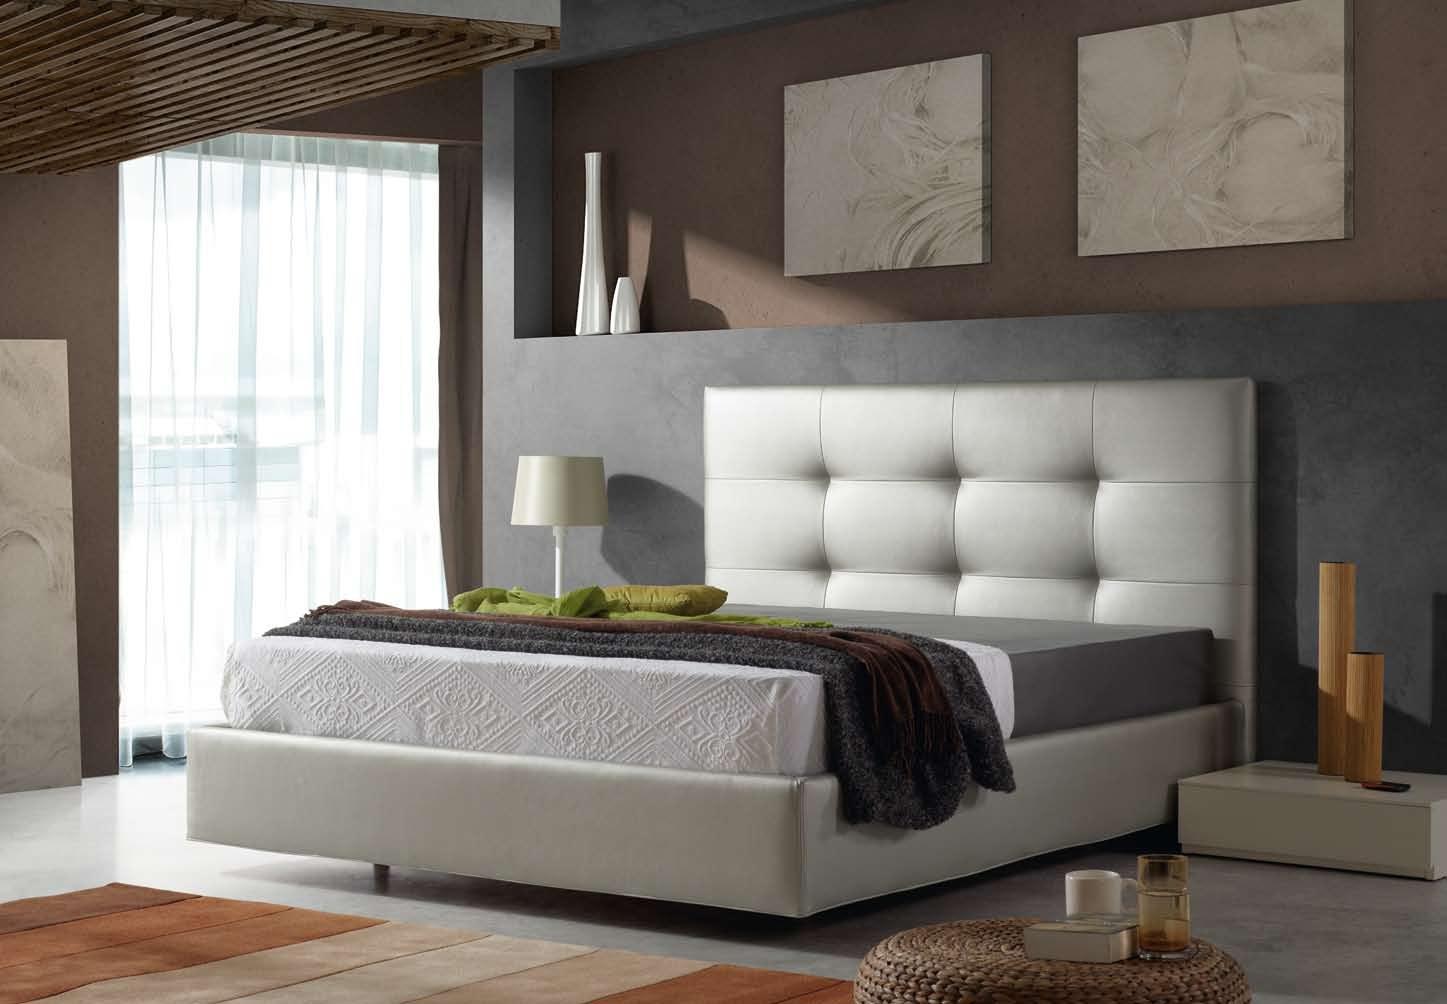 Cabeceros modernos de cama - Cabeceros juveniles ikea ...